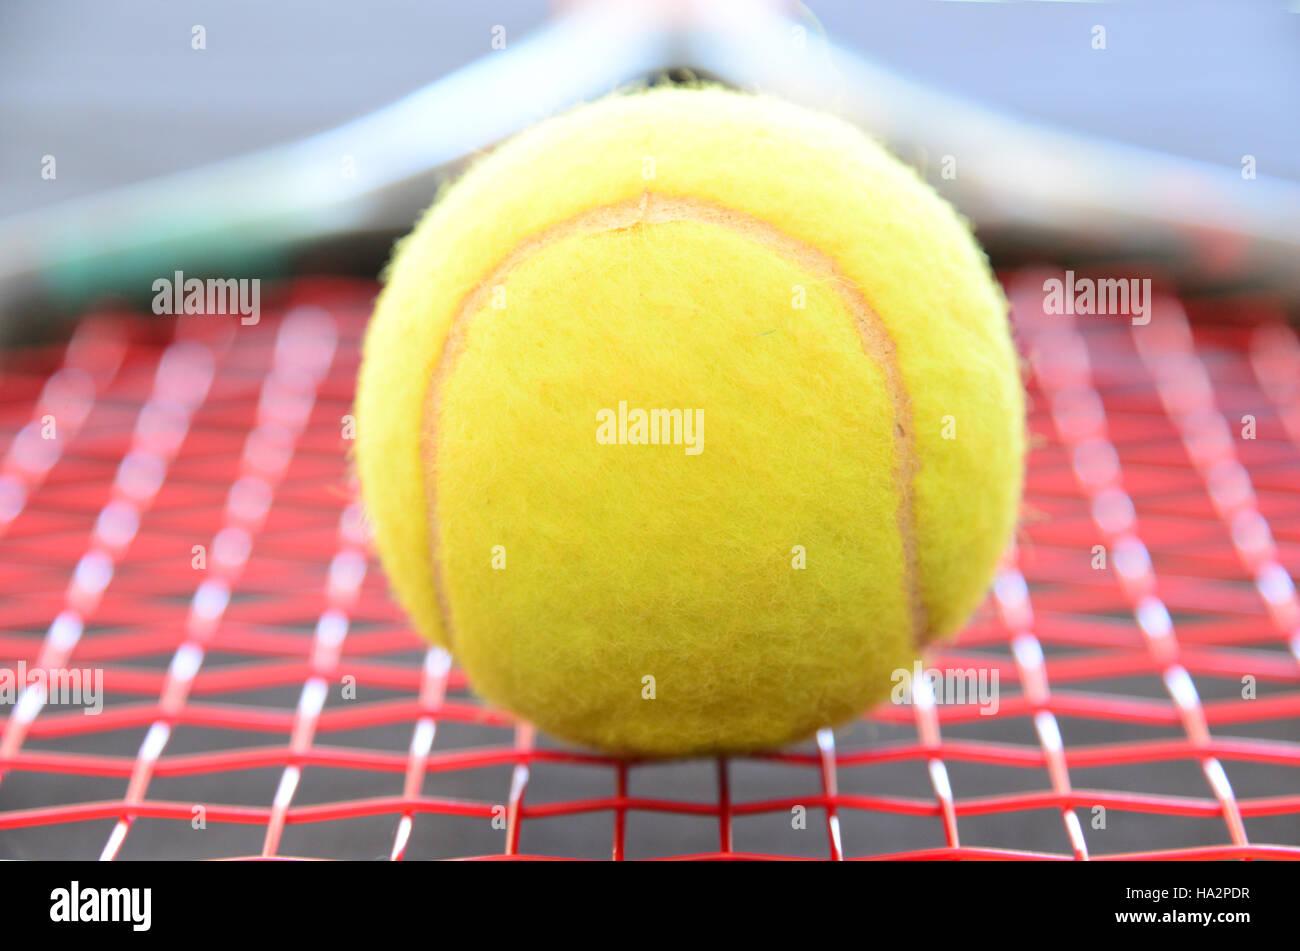 Nahaufnahme eines Tennisballs auf einen Tennisschläger Stockfoto